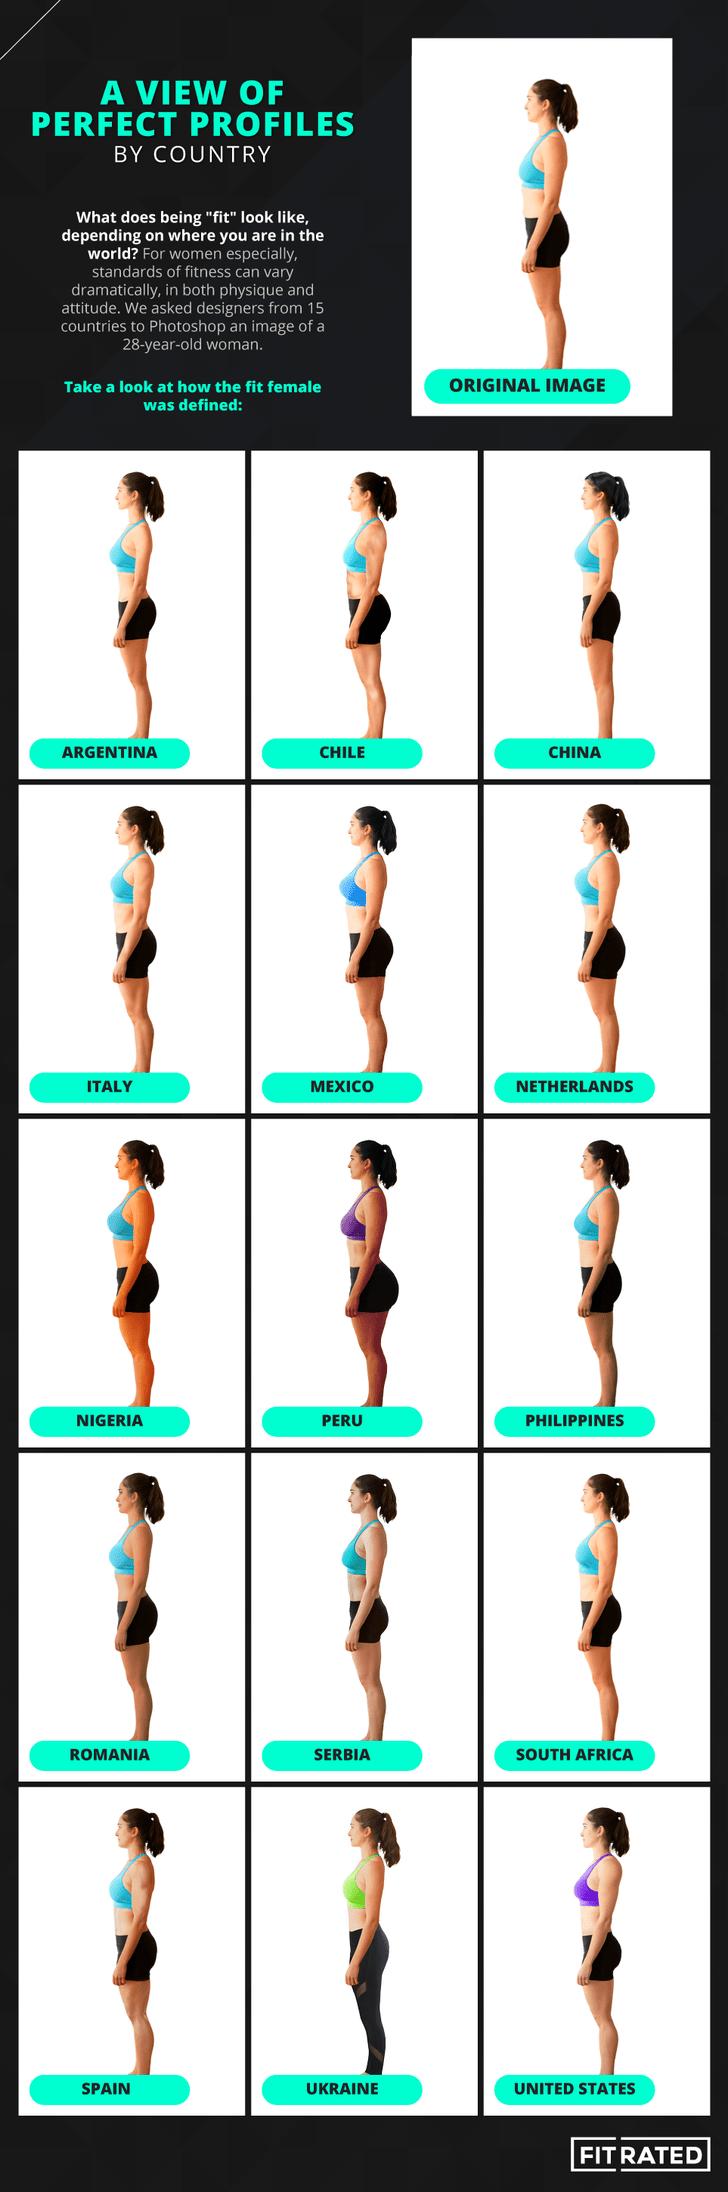 Фото №3 - Фитнес-эксперты выяснили, как выглядит идеальное женское тело в разных странах (картинки прилагаются!)